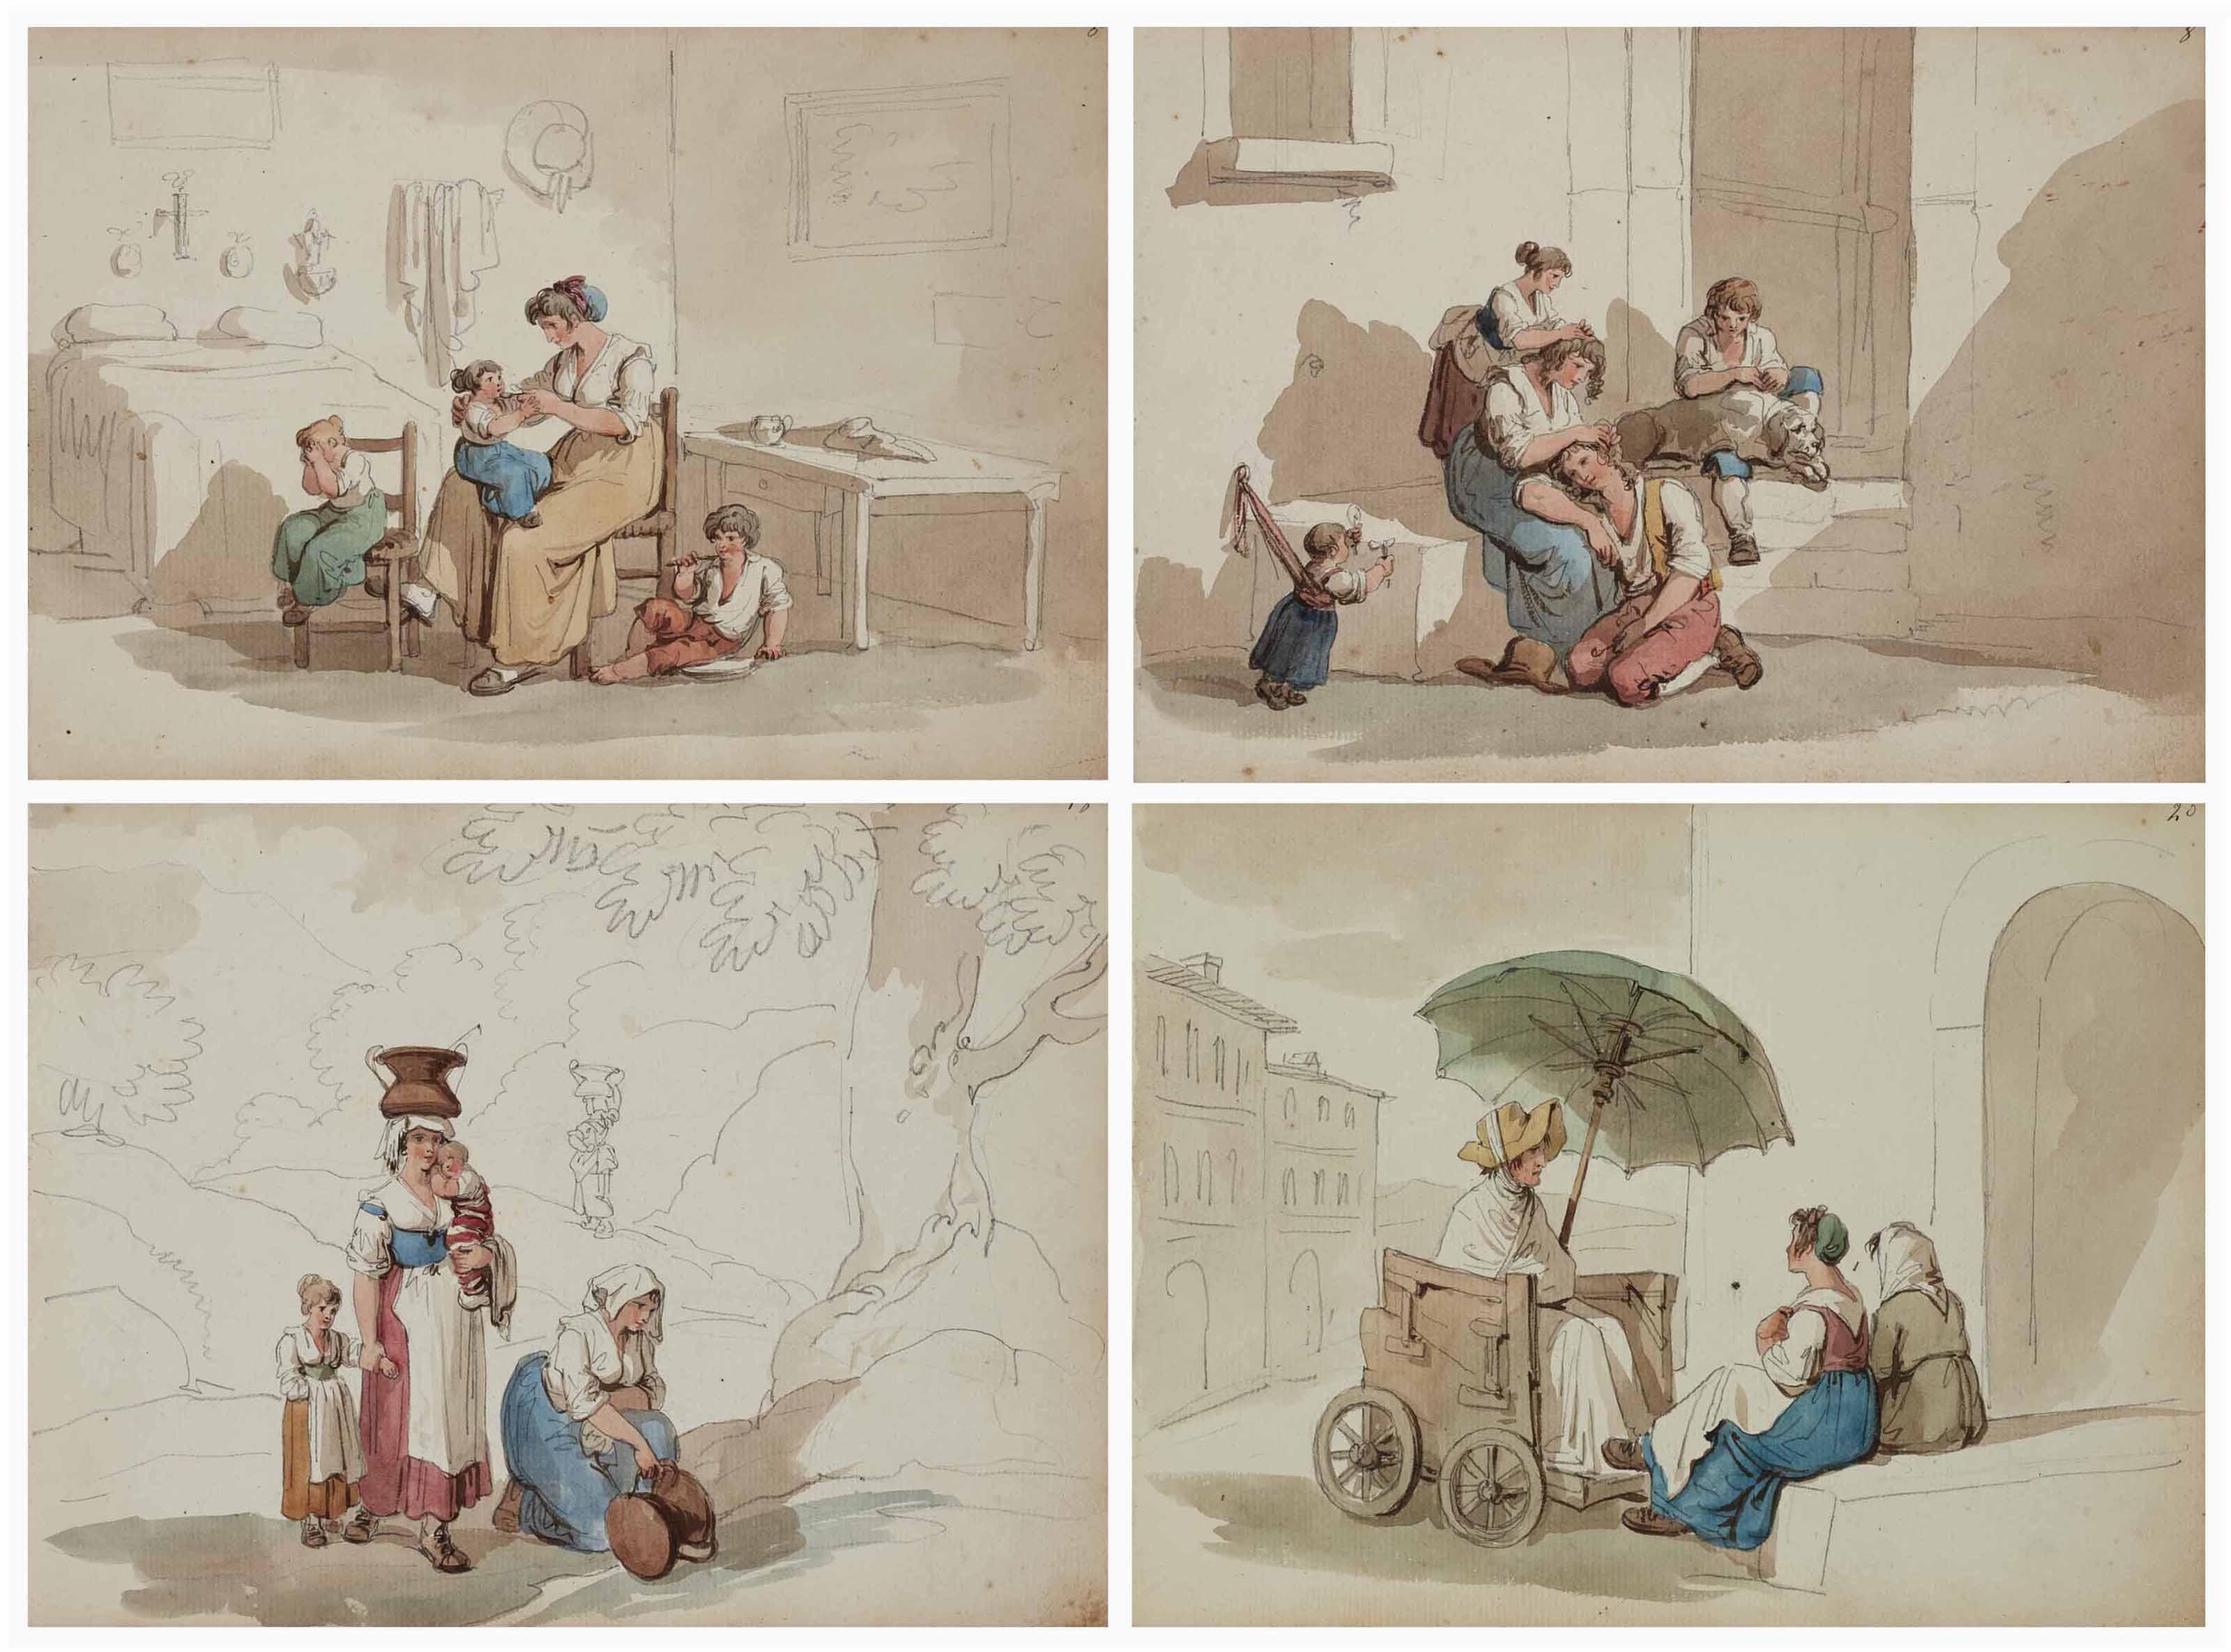 Album relié de vingt-quatre études d'italiens occupés aux travaux de la vie quotidienne: musiciens, lavandières, paysans, mères et enfants